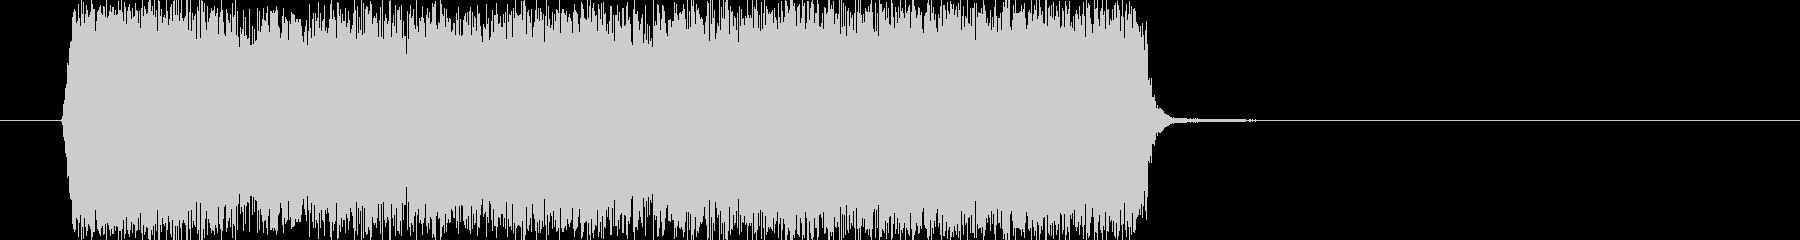 シュー(スプレーを吹きつける音)の未再生の波形